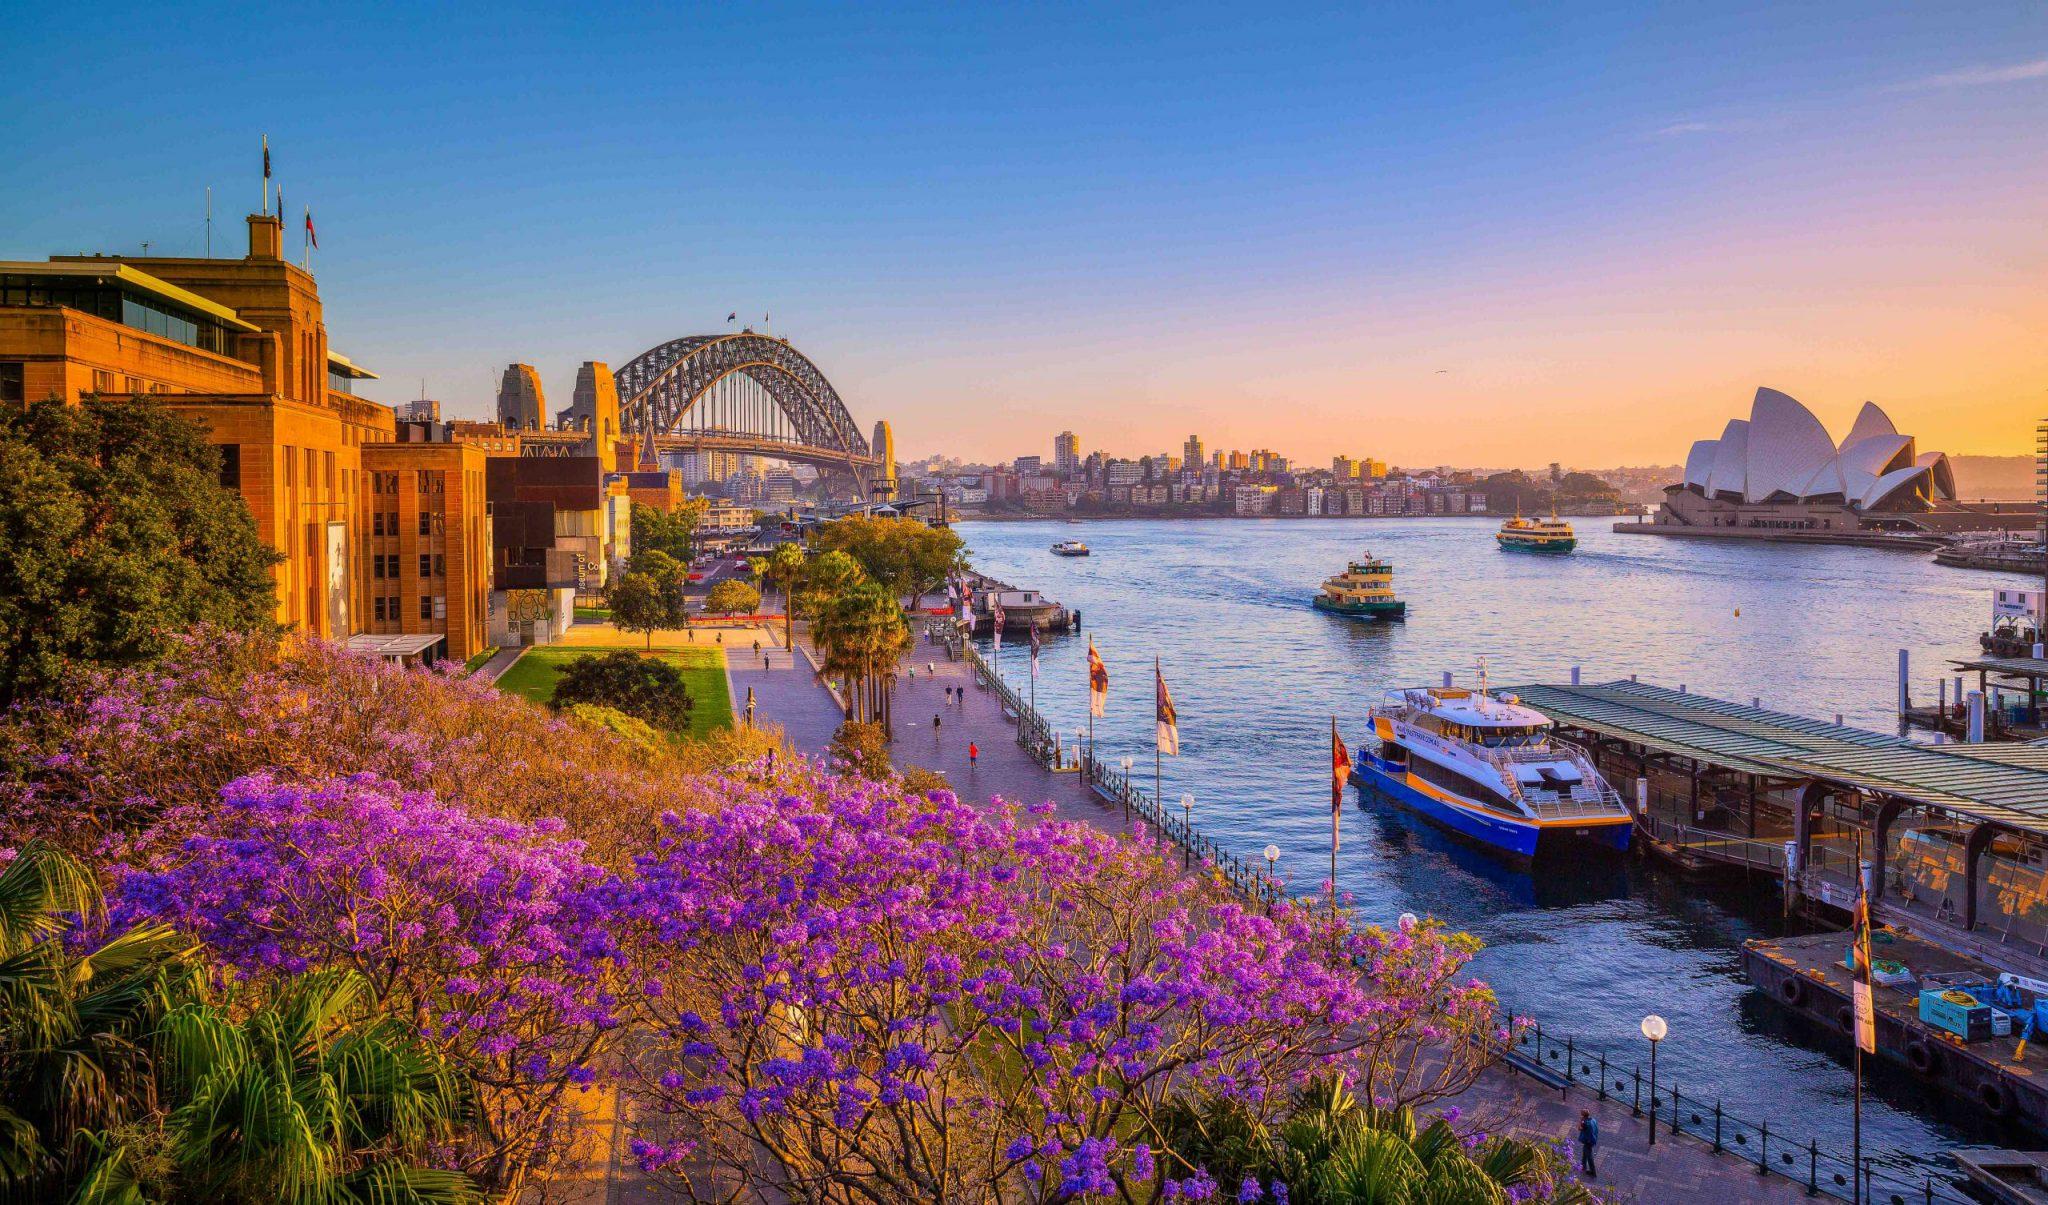 Strzelecki Australian Cycling Tour from Sydney to Hobart